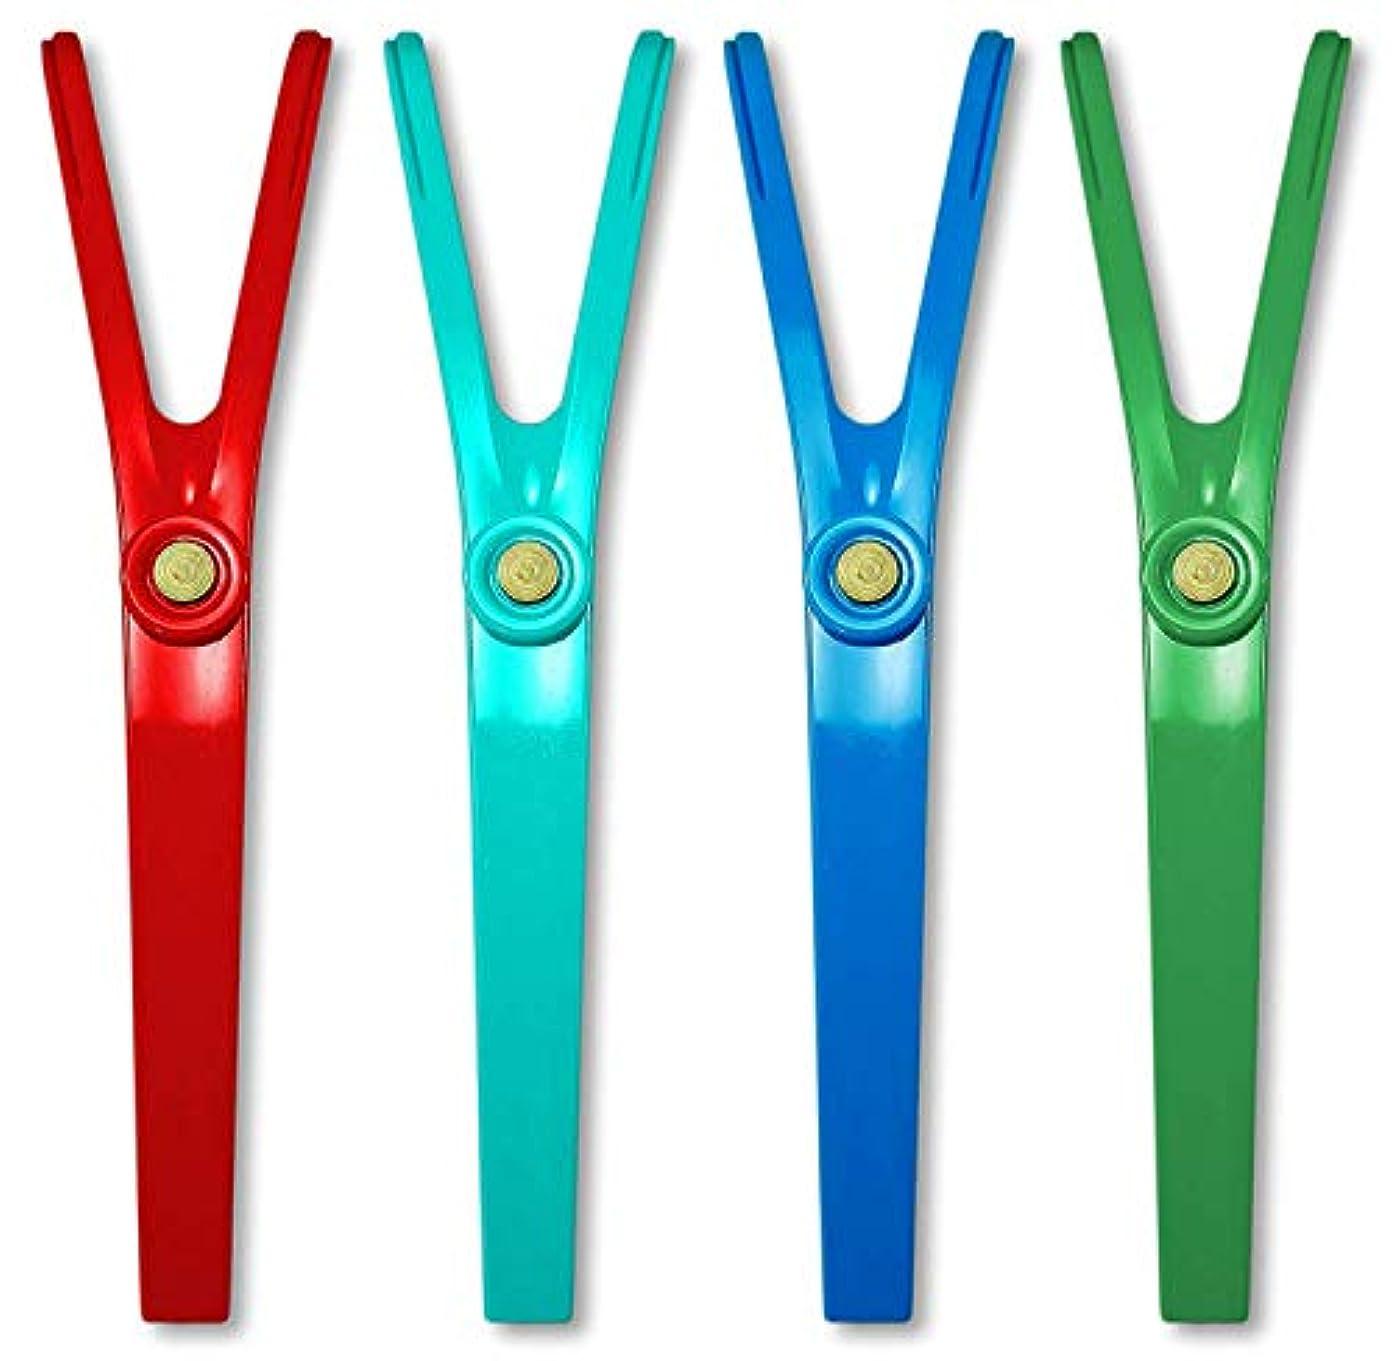 Flossaid Dental Floss Holder 4 pack